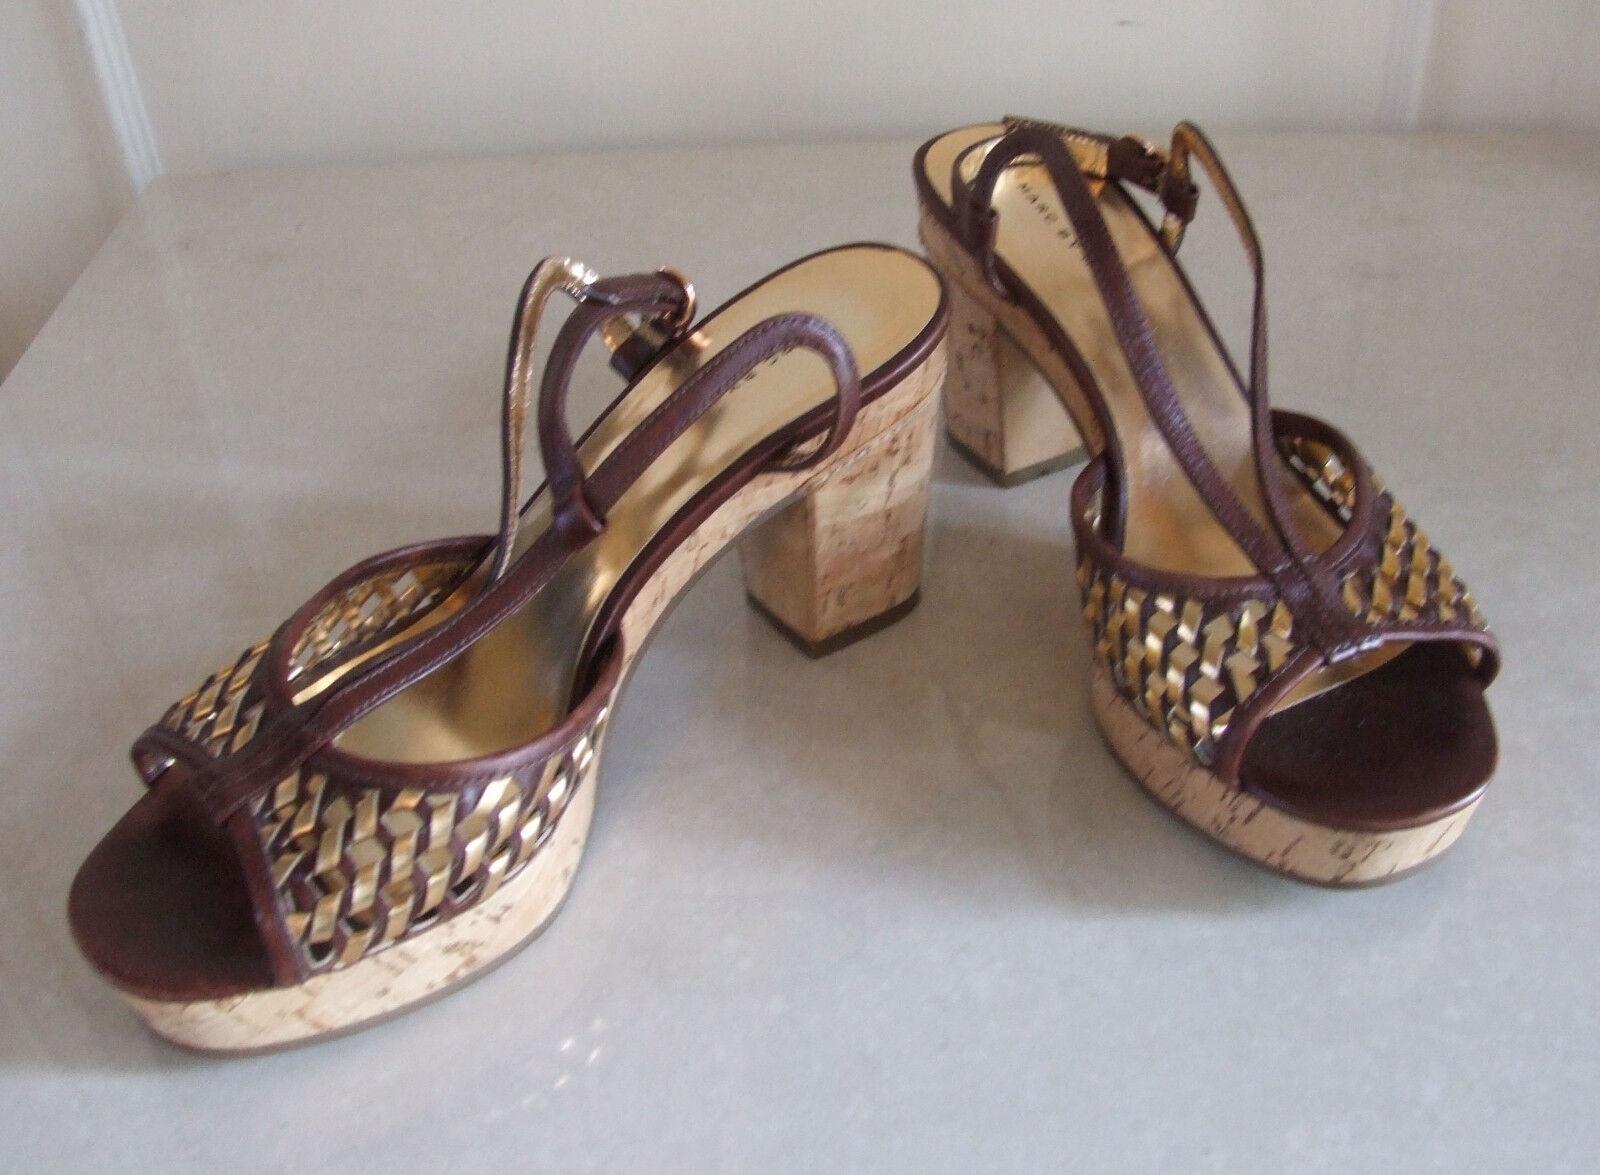 Marc Jacobs Stunning braun &Gold Wicker Heels Slingback Sandals schuhe EU36 UK3.5